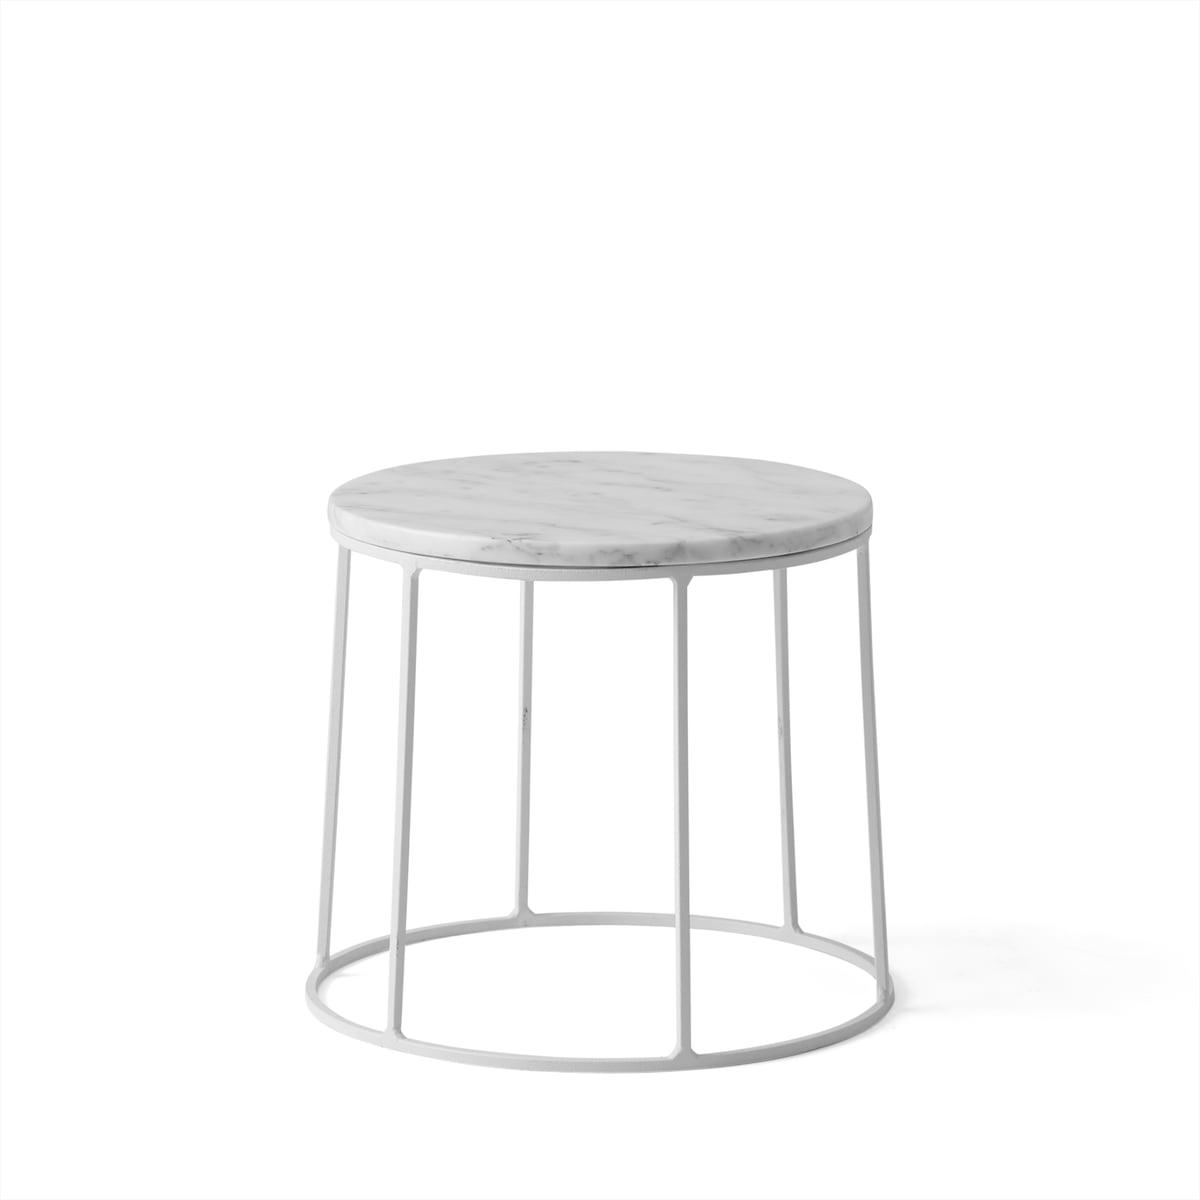 Wire base von menu im wohndesign shop for Marmor tischplatte oval